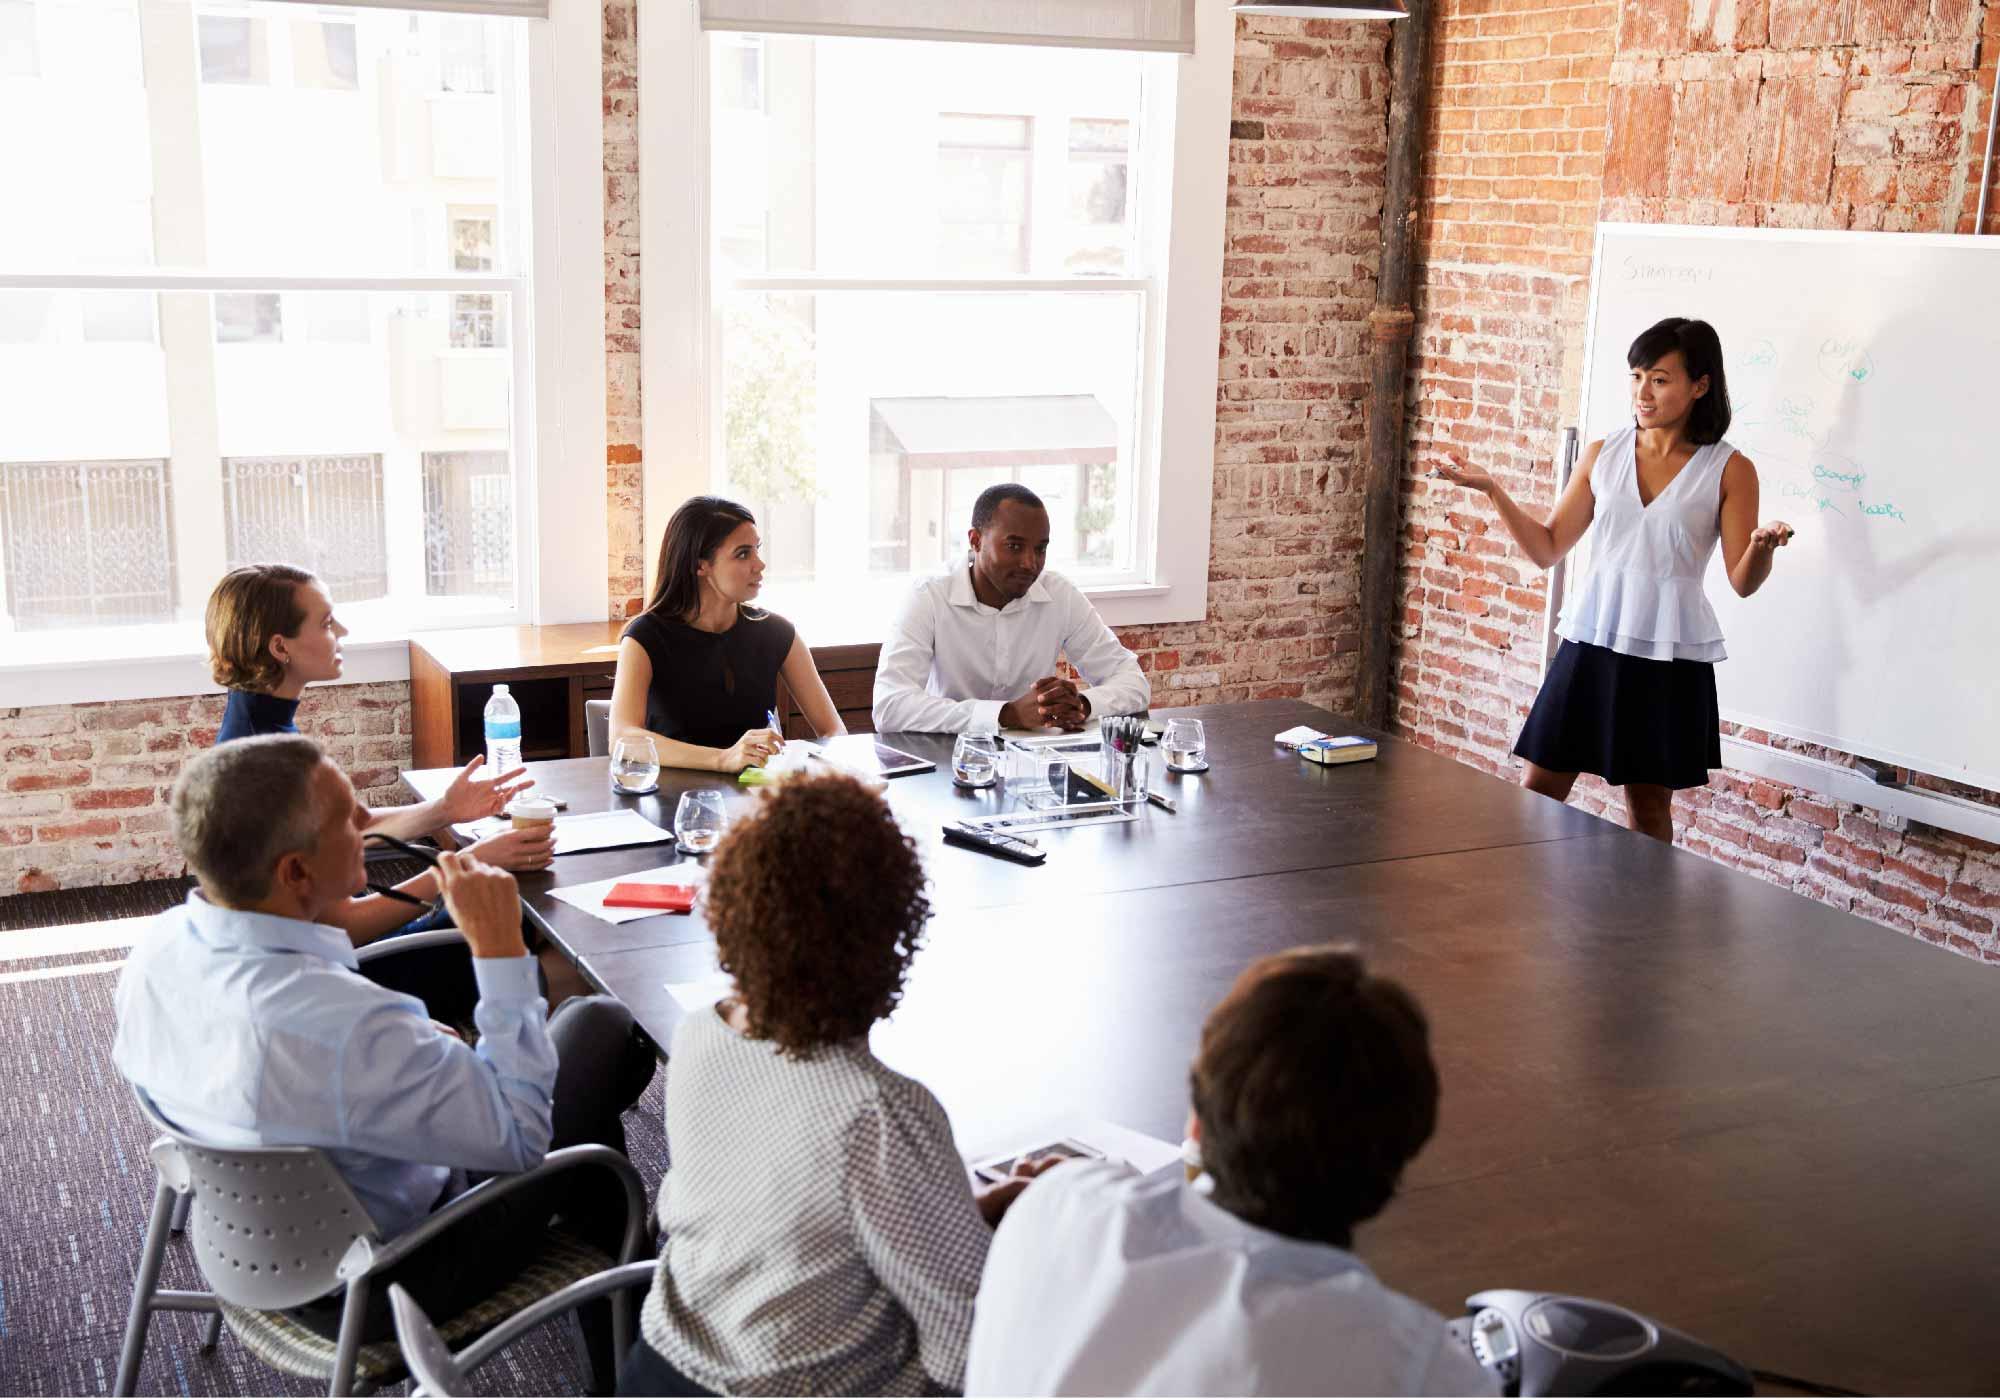 Delivering professional presentations